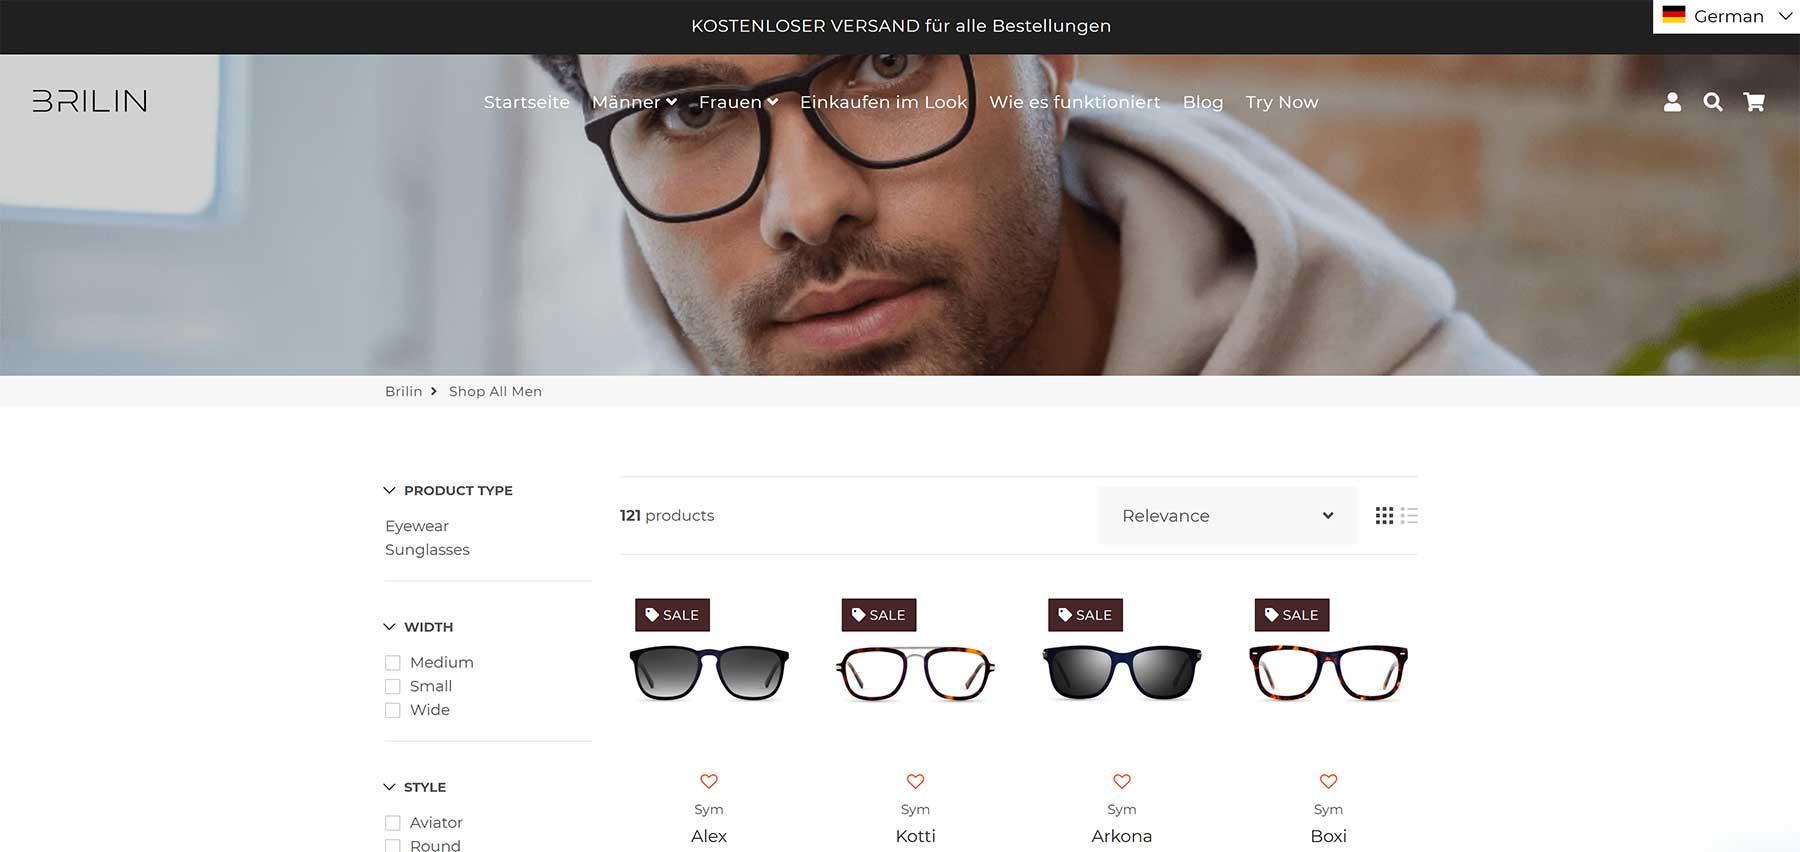 BRILIN lässt euch neue Brillen-Modelle per Instagram-Filter oder App anprobieren BRILIN-Brillenmodelle-virtuell-anprobieren_04